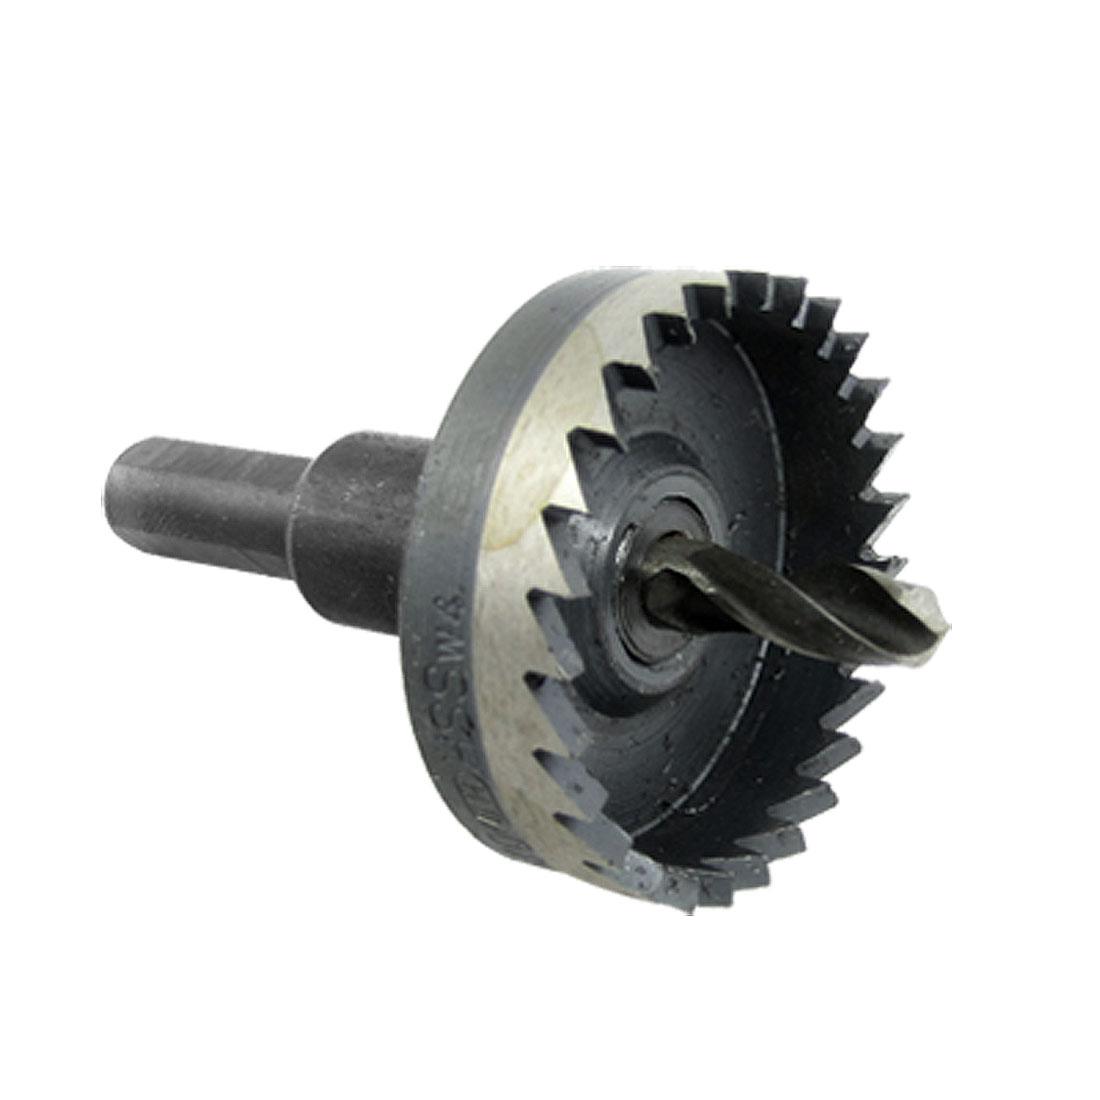 Iron Cutting Twist Drill Bit Tool 40mm HSS Hole Saw